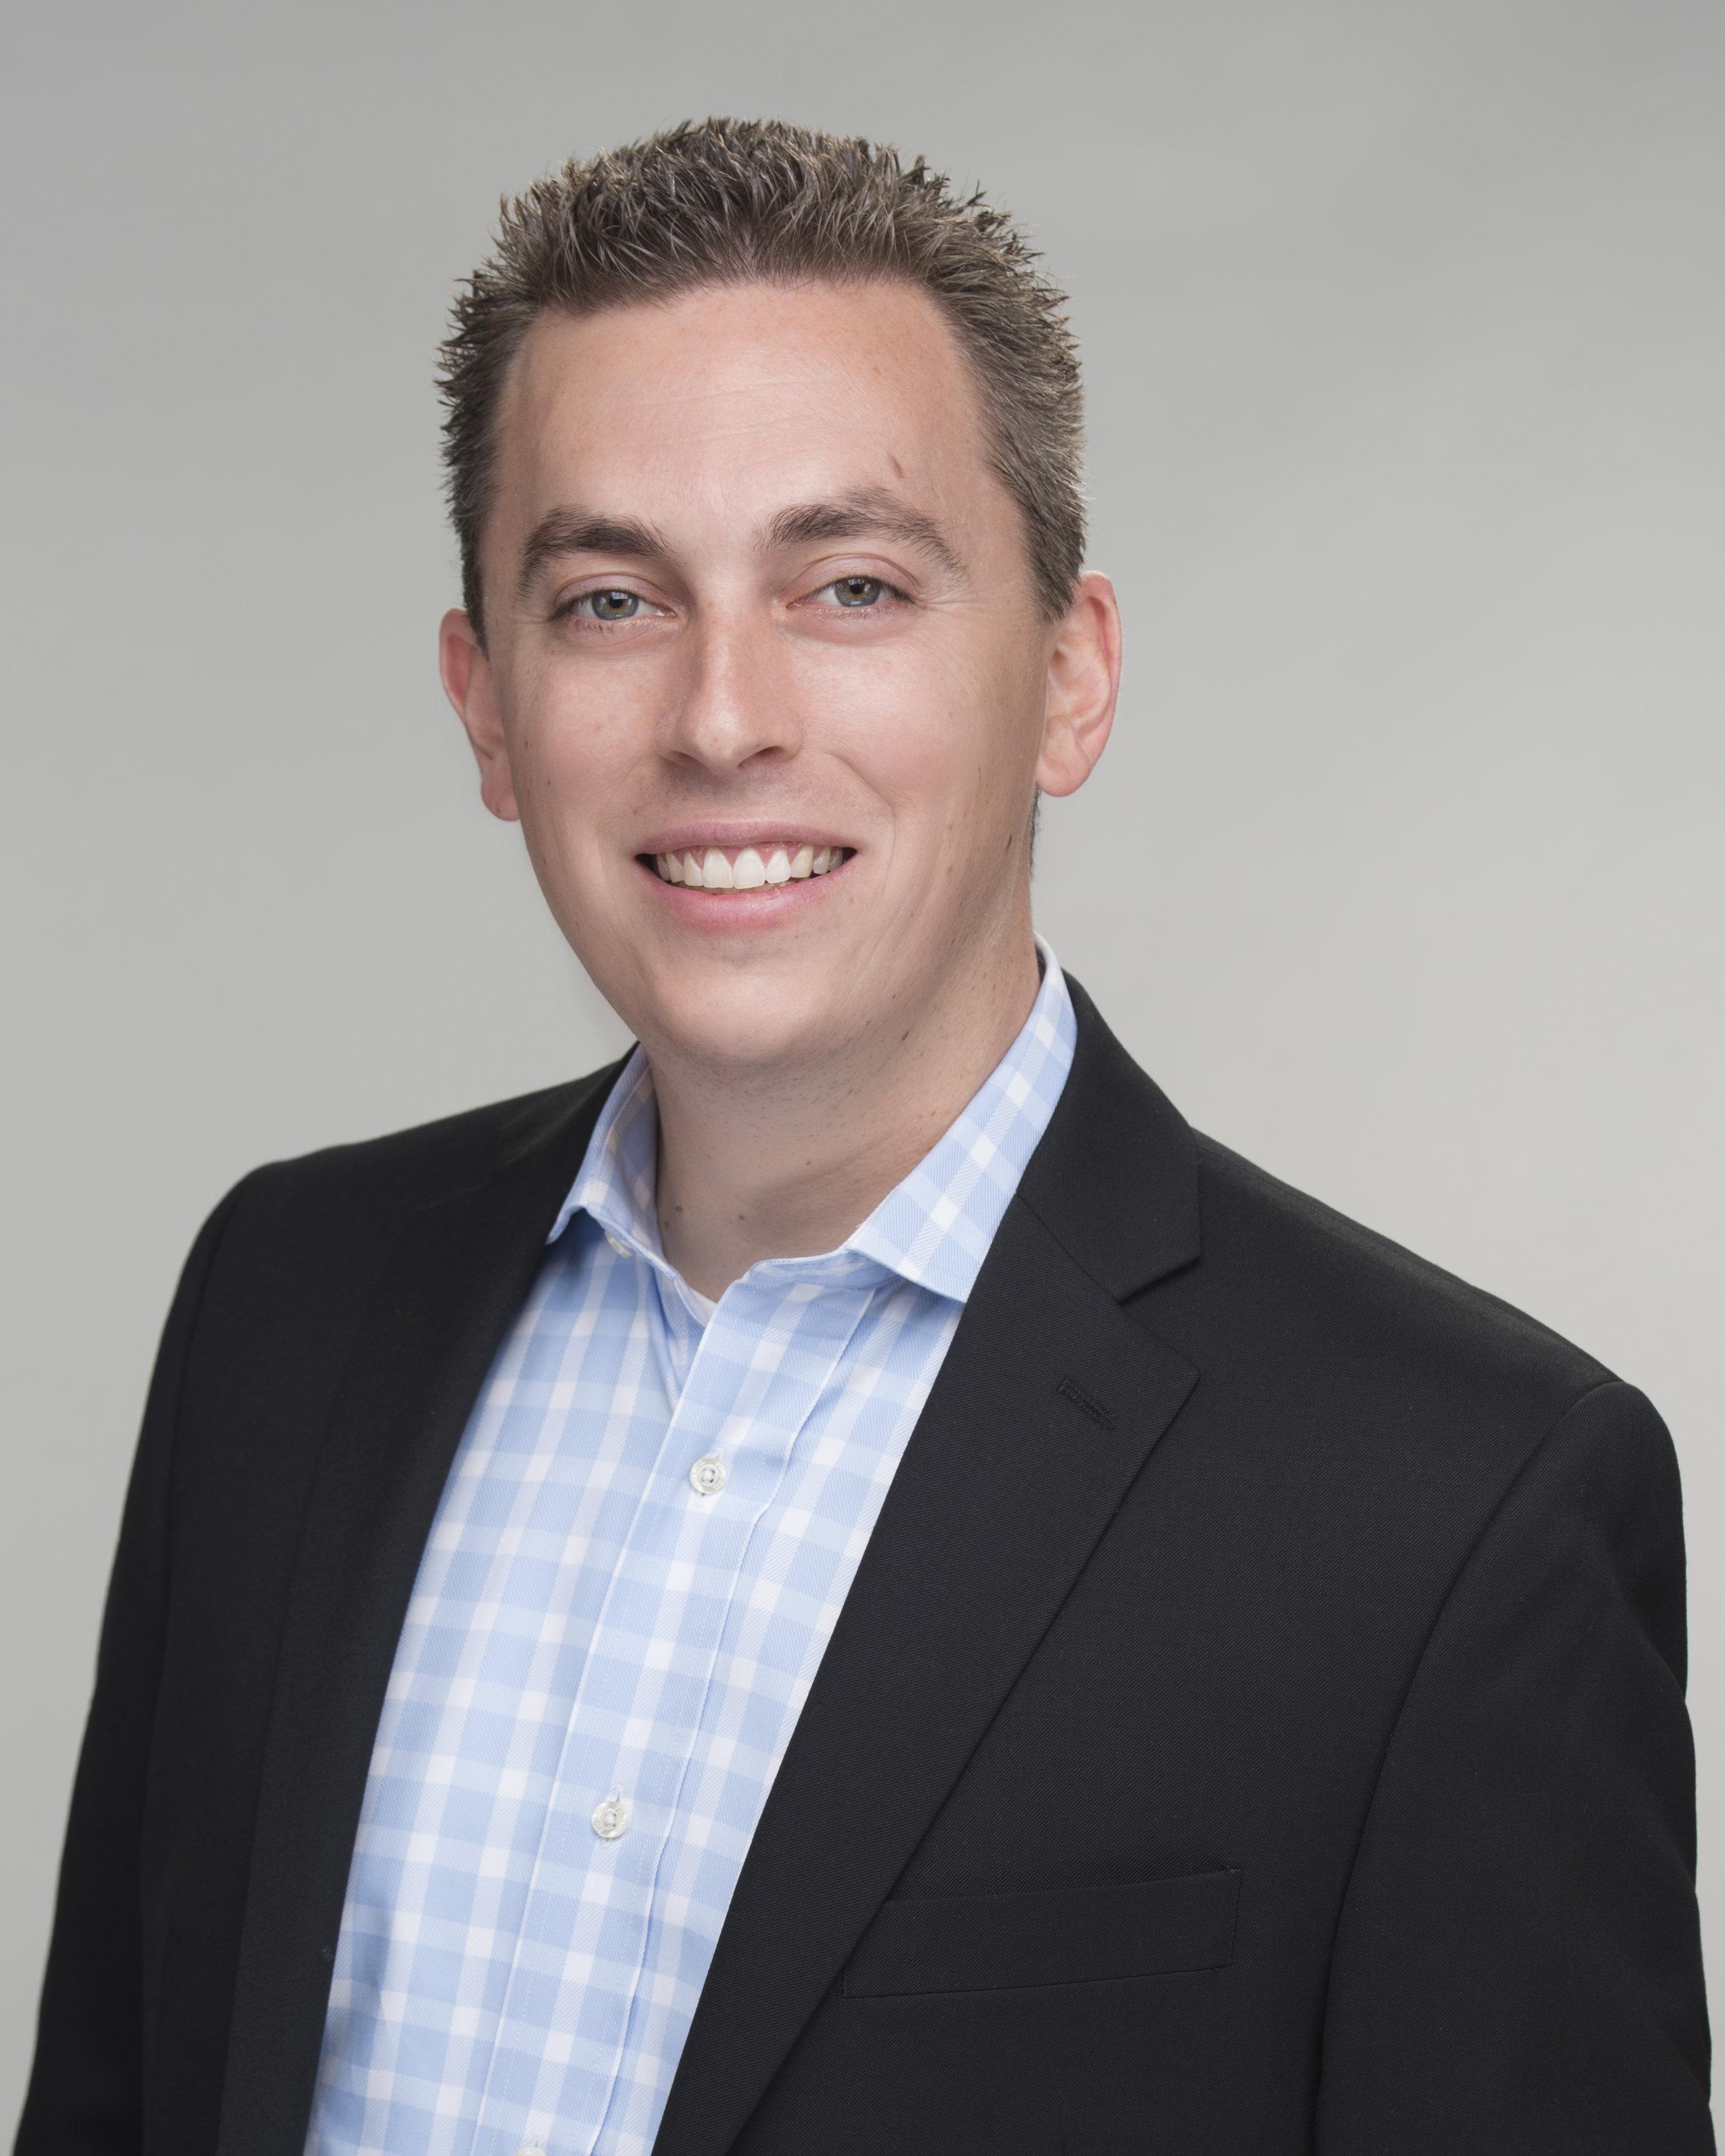 Brian Gaab # CSAA Insurance Group